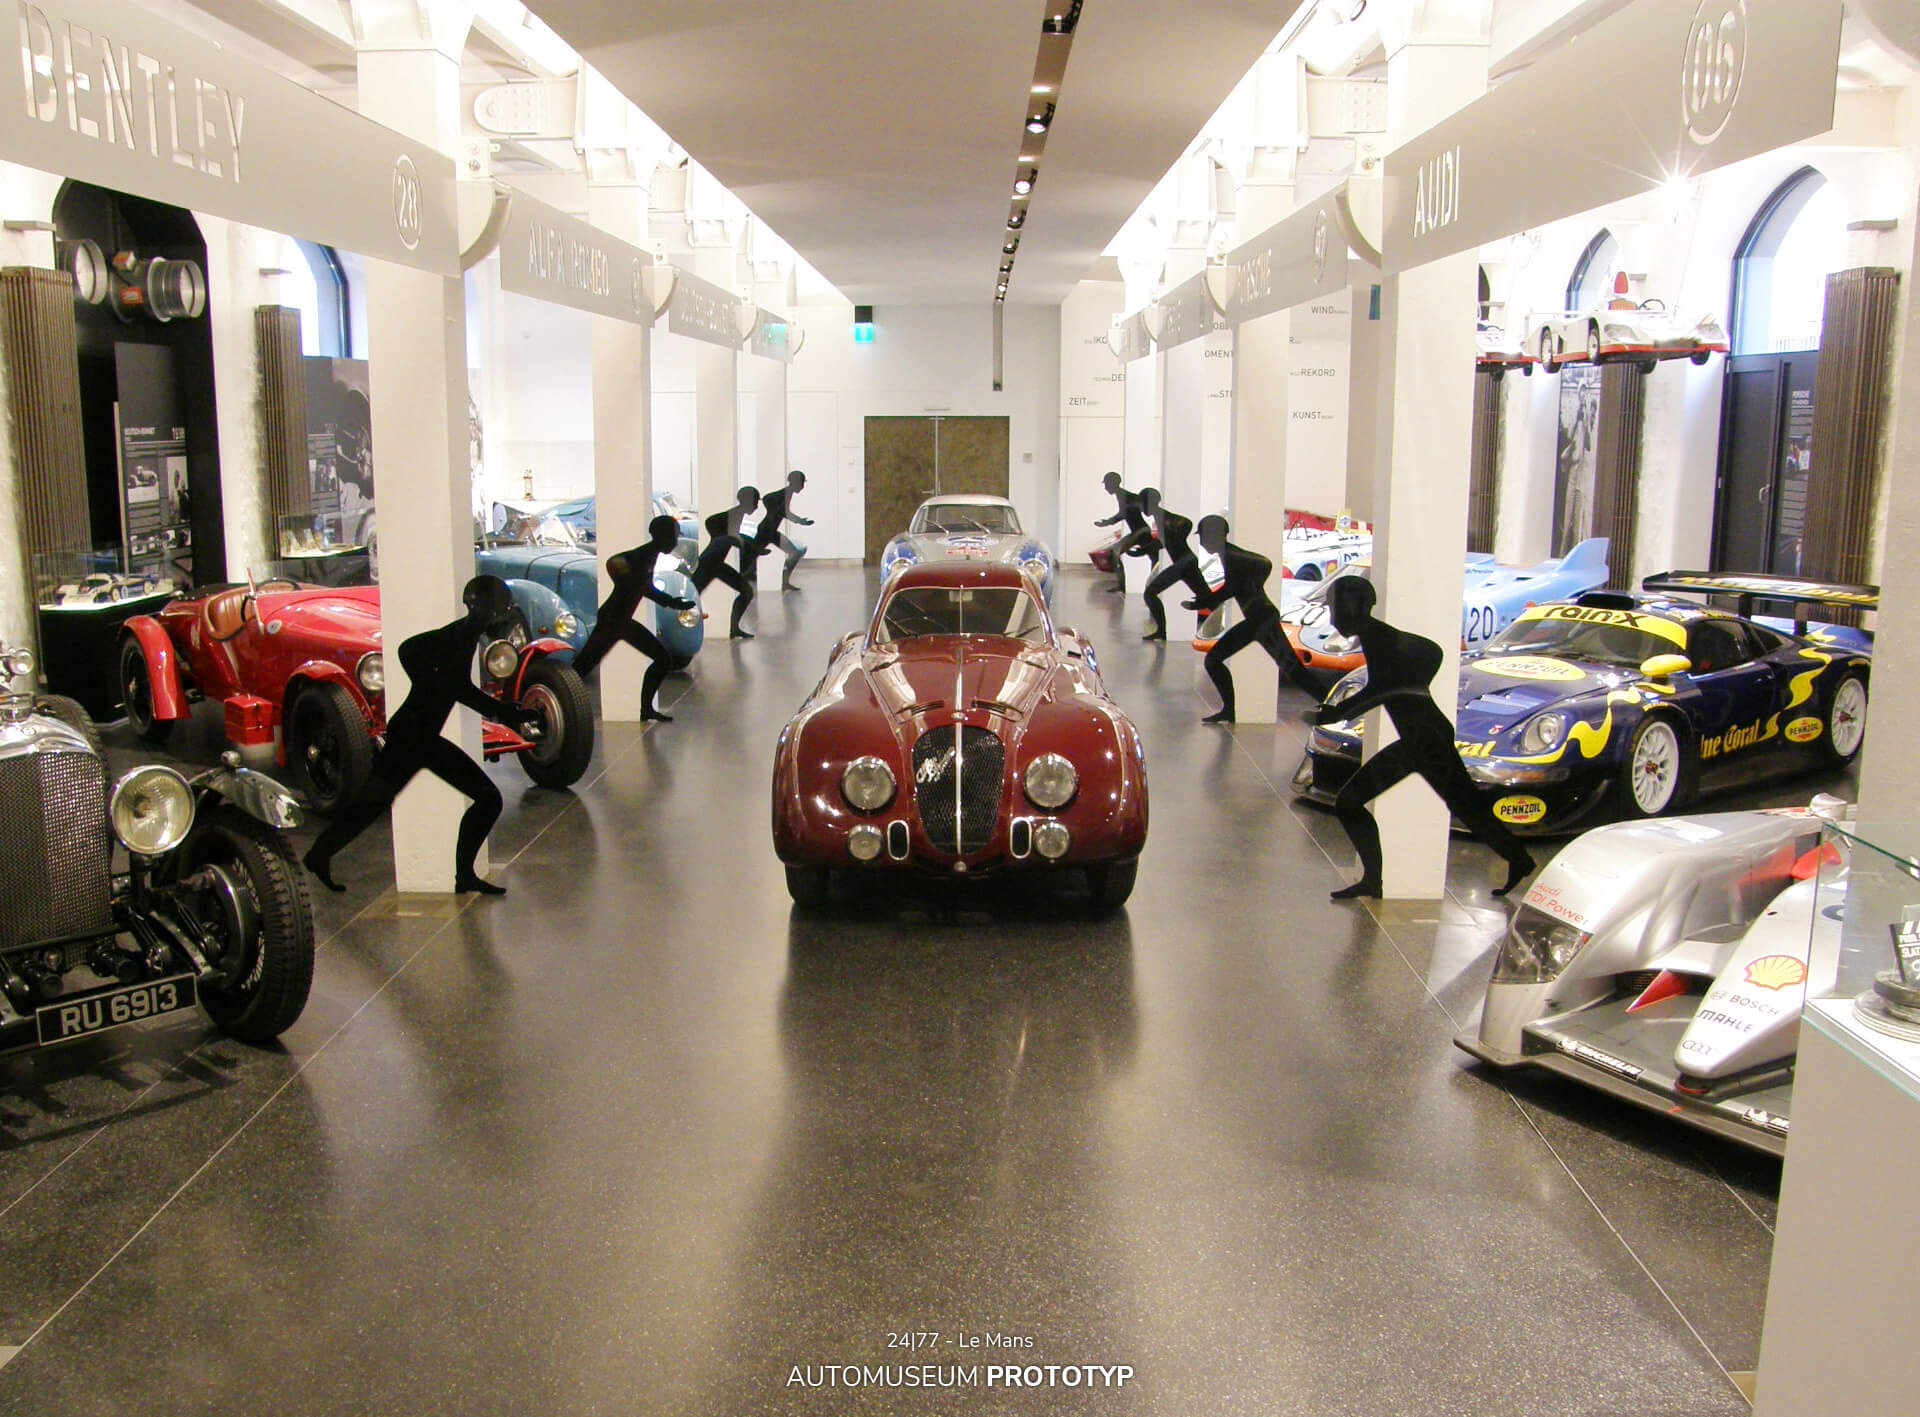 Das Hamburger Automuseum Prototyp präsentierte 2009/2010 in seiner Sonderausstellung